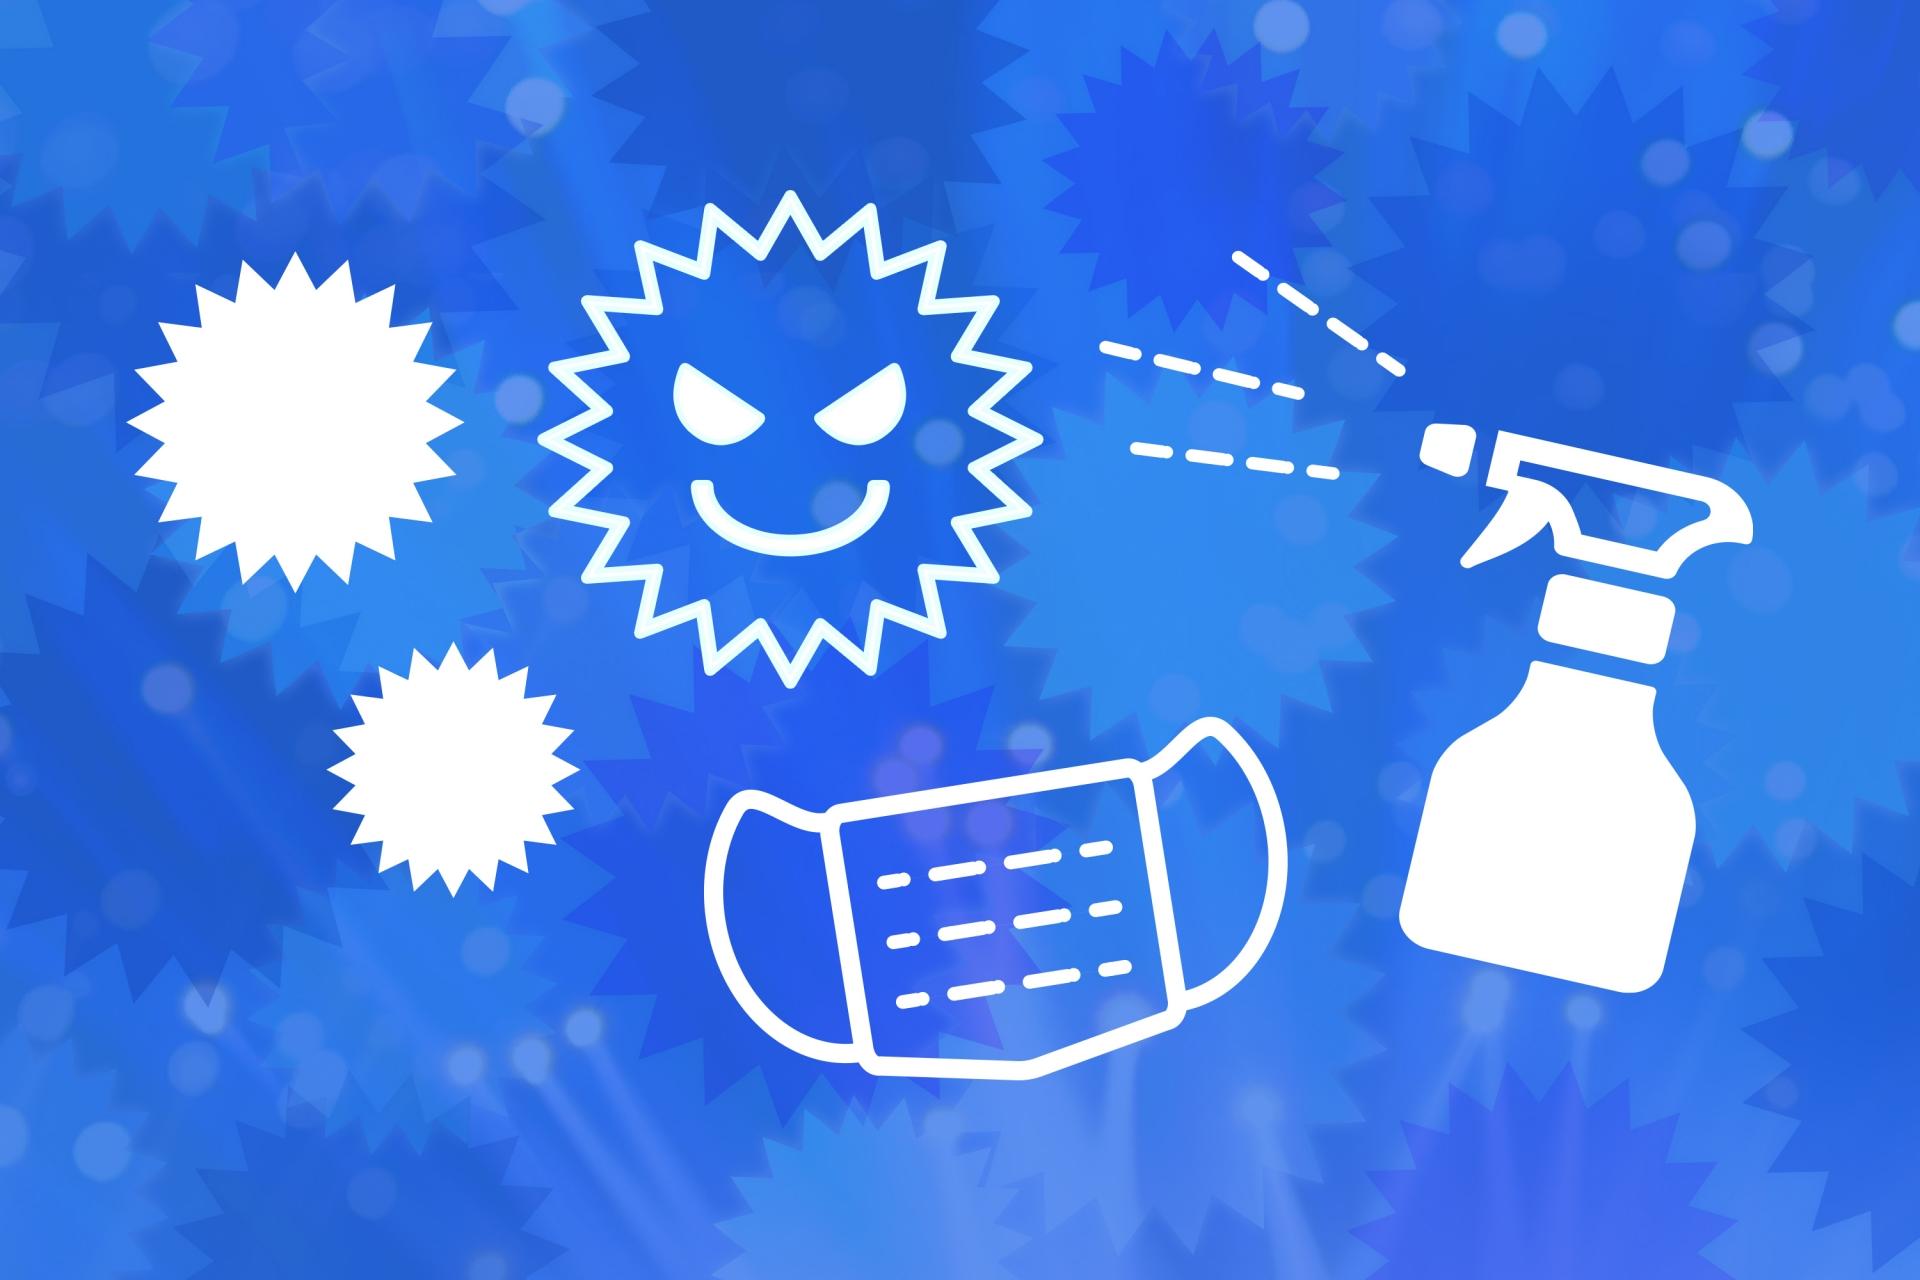 新型ウイルスから身を守るアイデアを紹介します